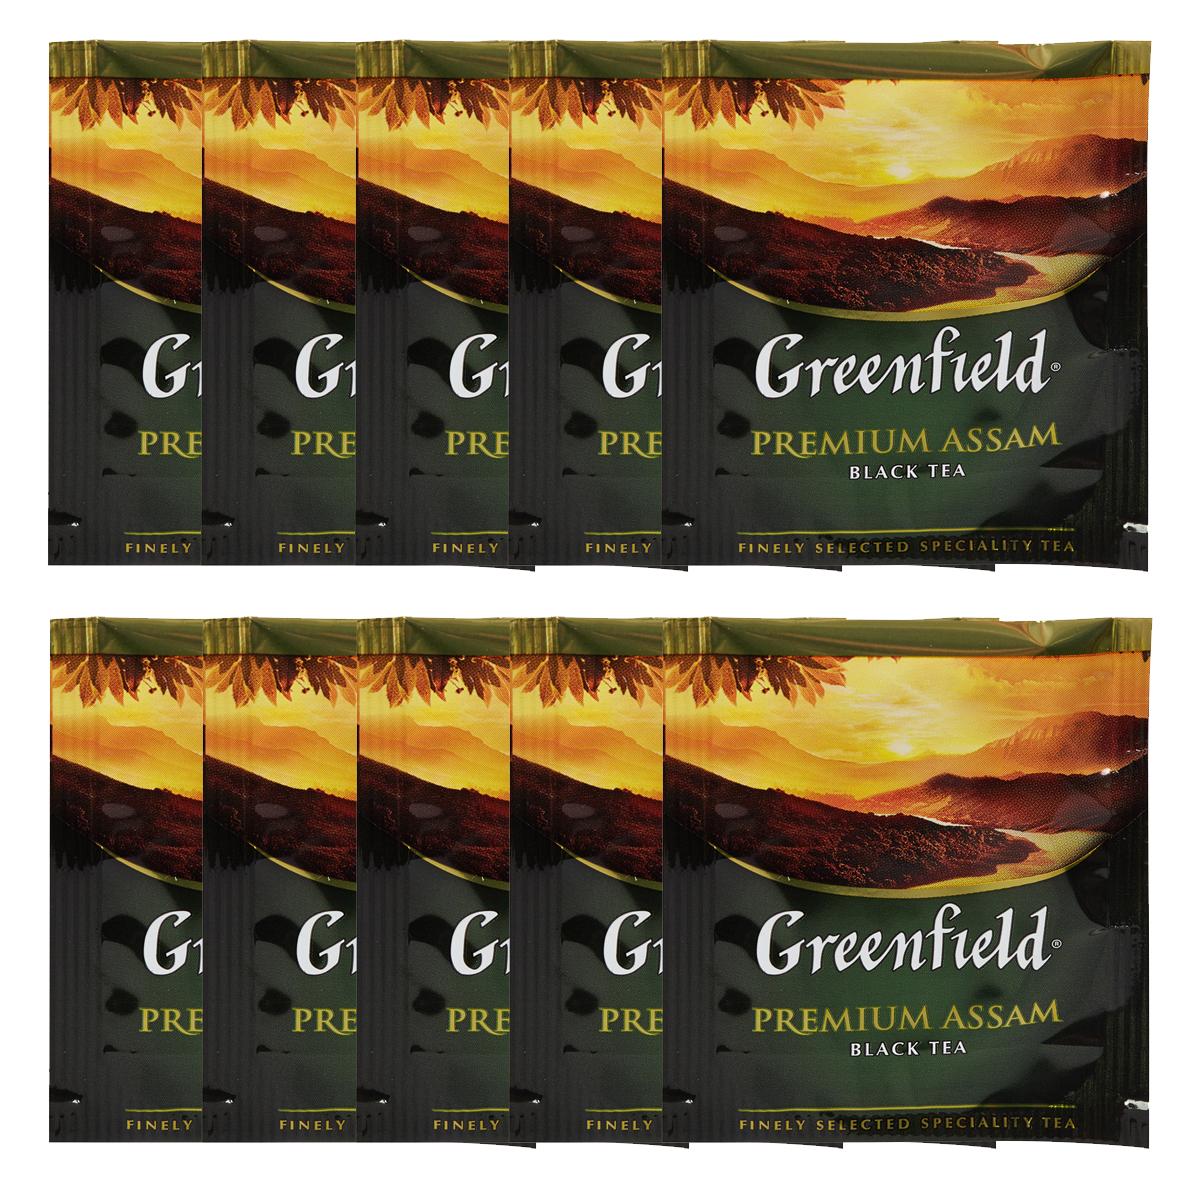 Чай черный классический Premium Assam 100пак. по 2гр., термосаше в пакете Greenfield - фото 2